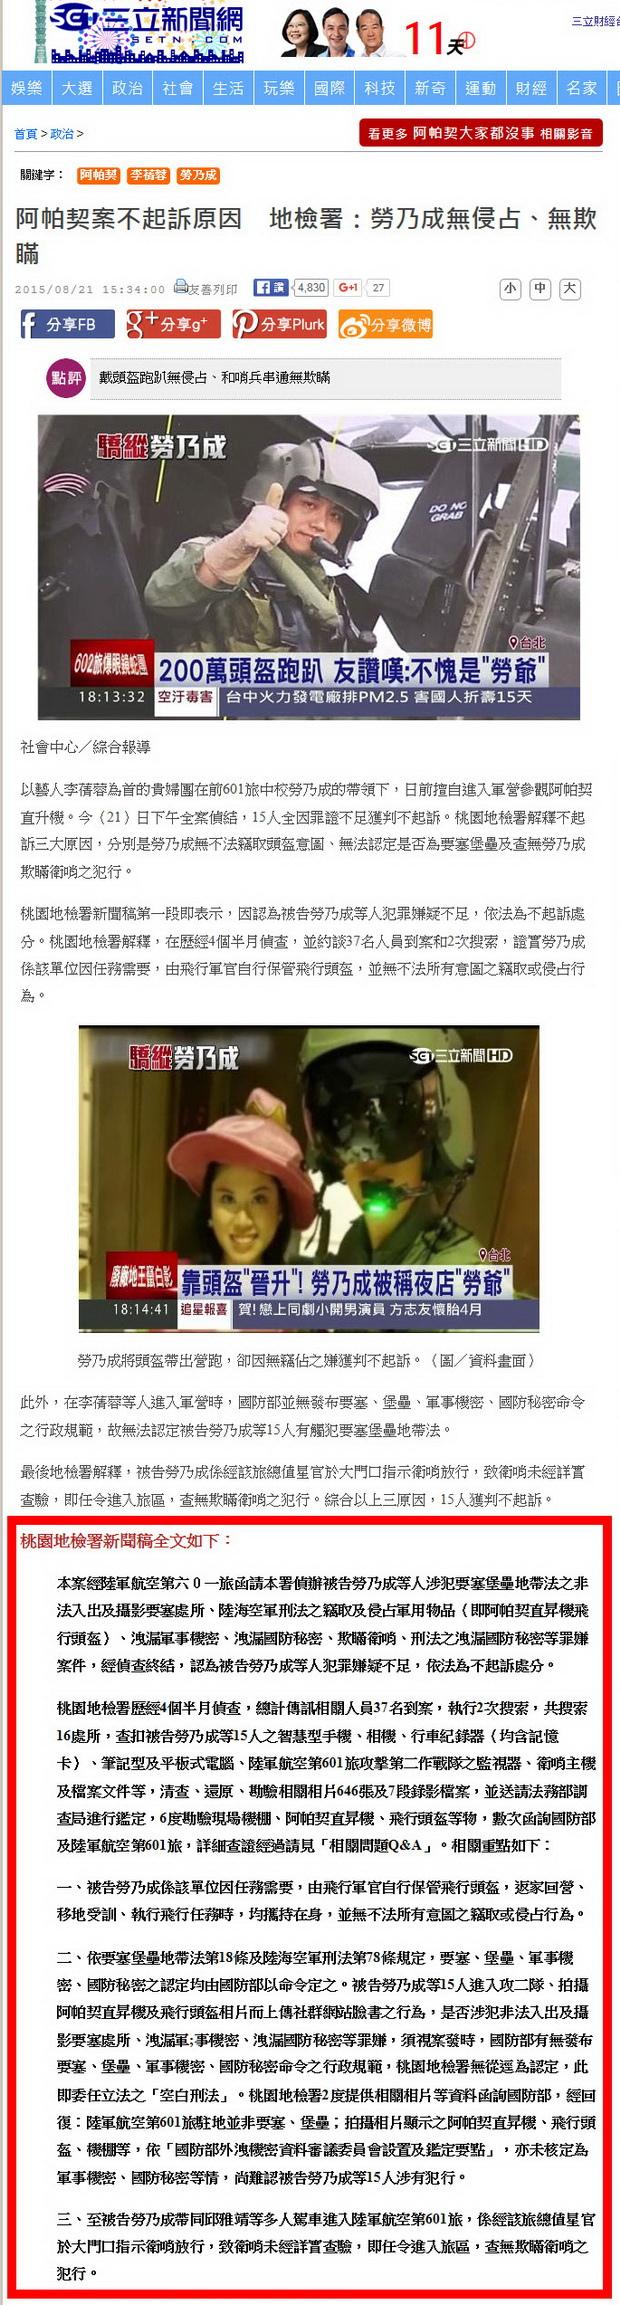 阿帕契案不起訴原因 地檢署:勞乃成無侵占、無欺瞞-2015.08.21.jpg